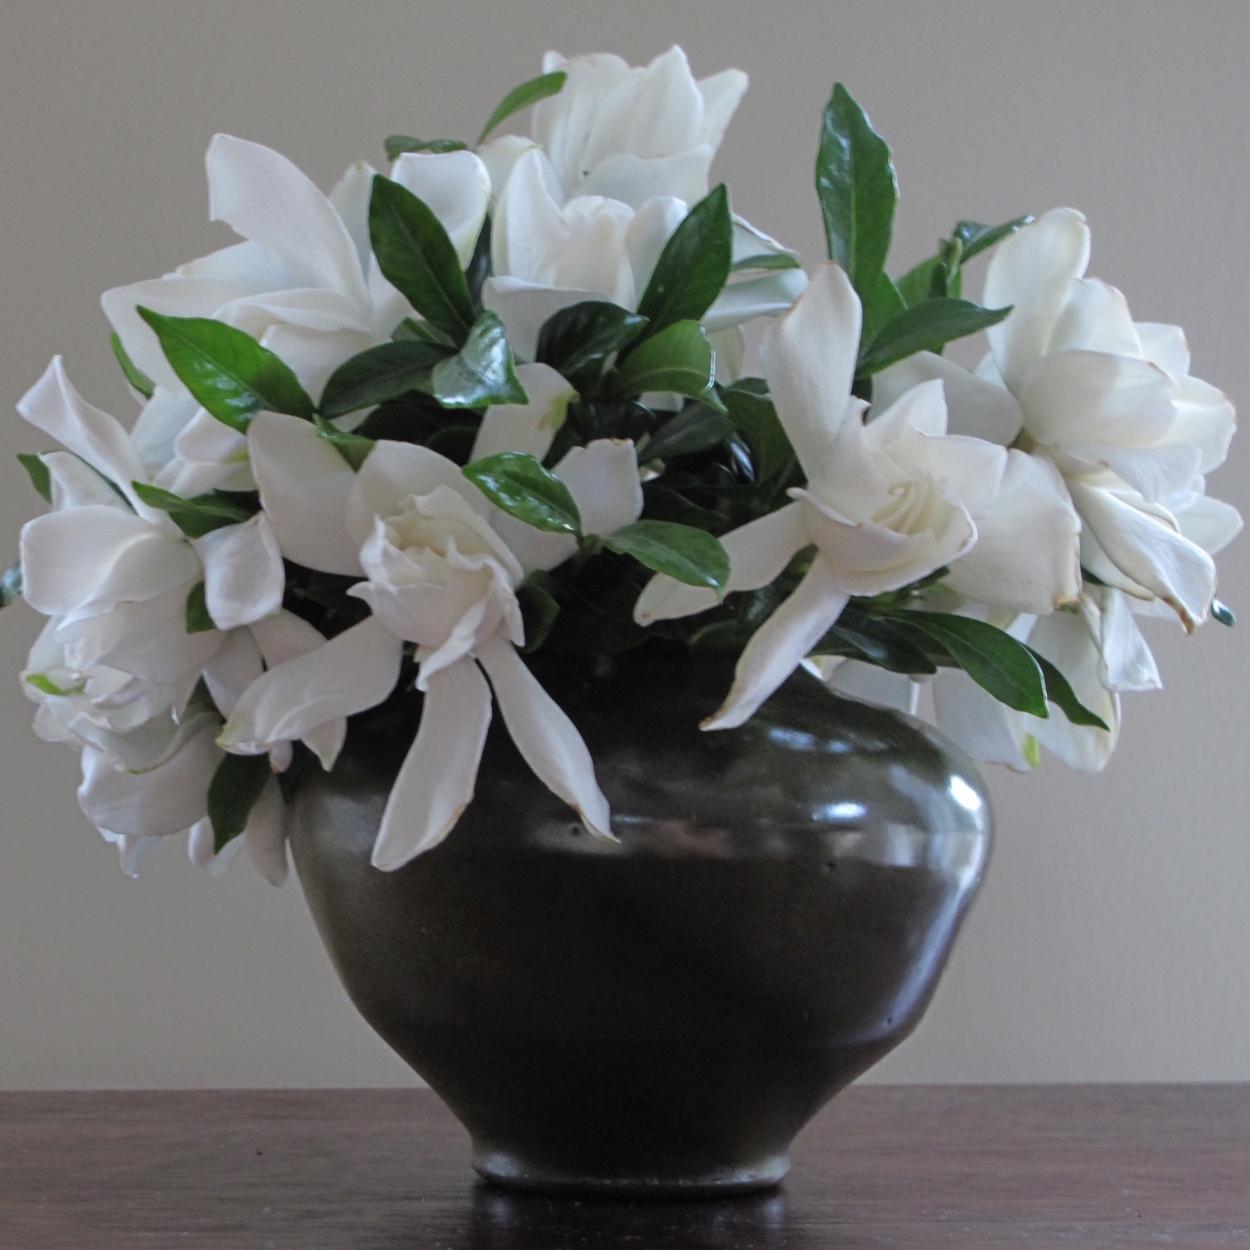 Gardênia é uma das plantas para quarto que decoram.